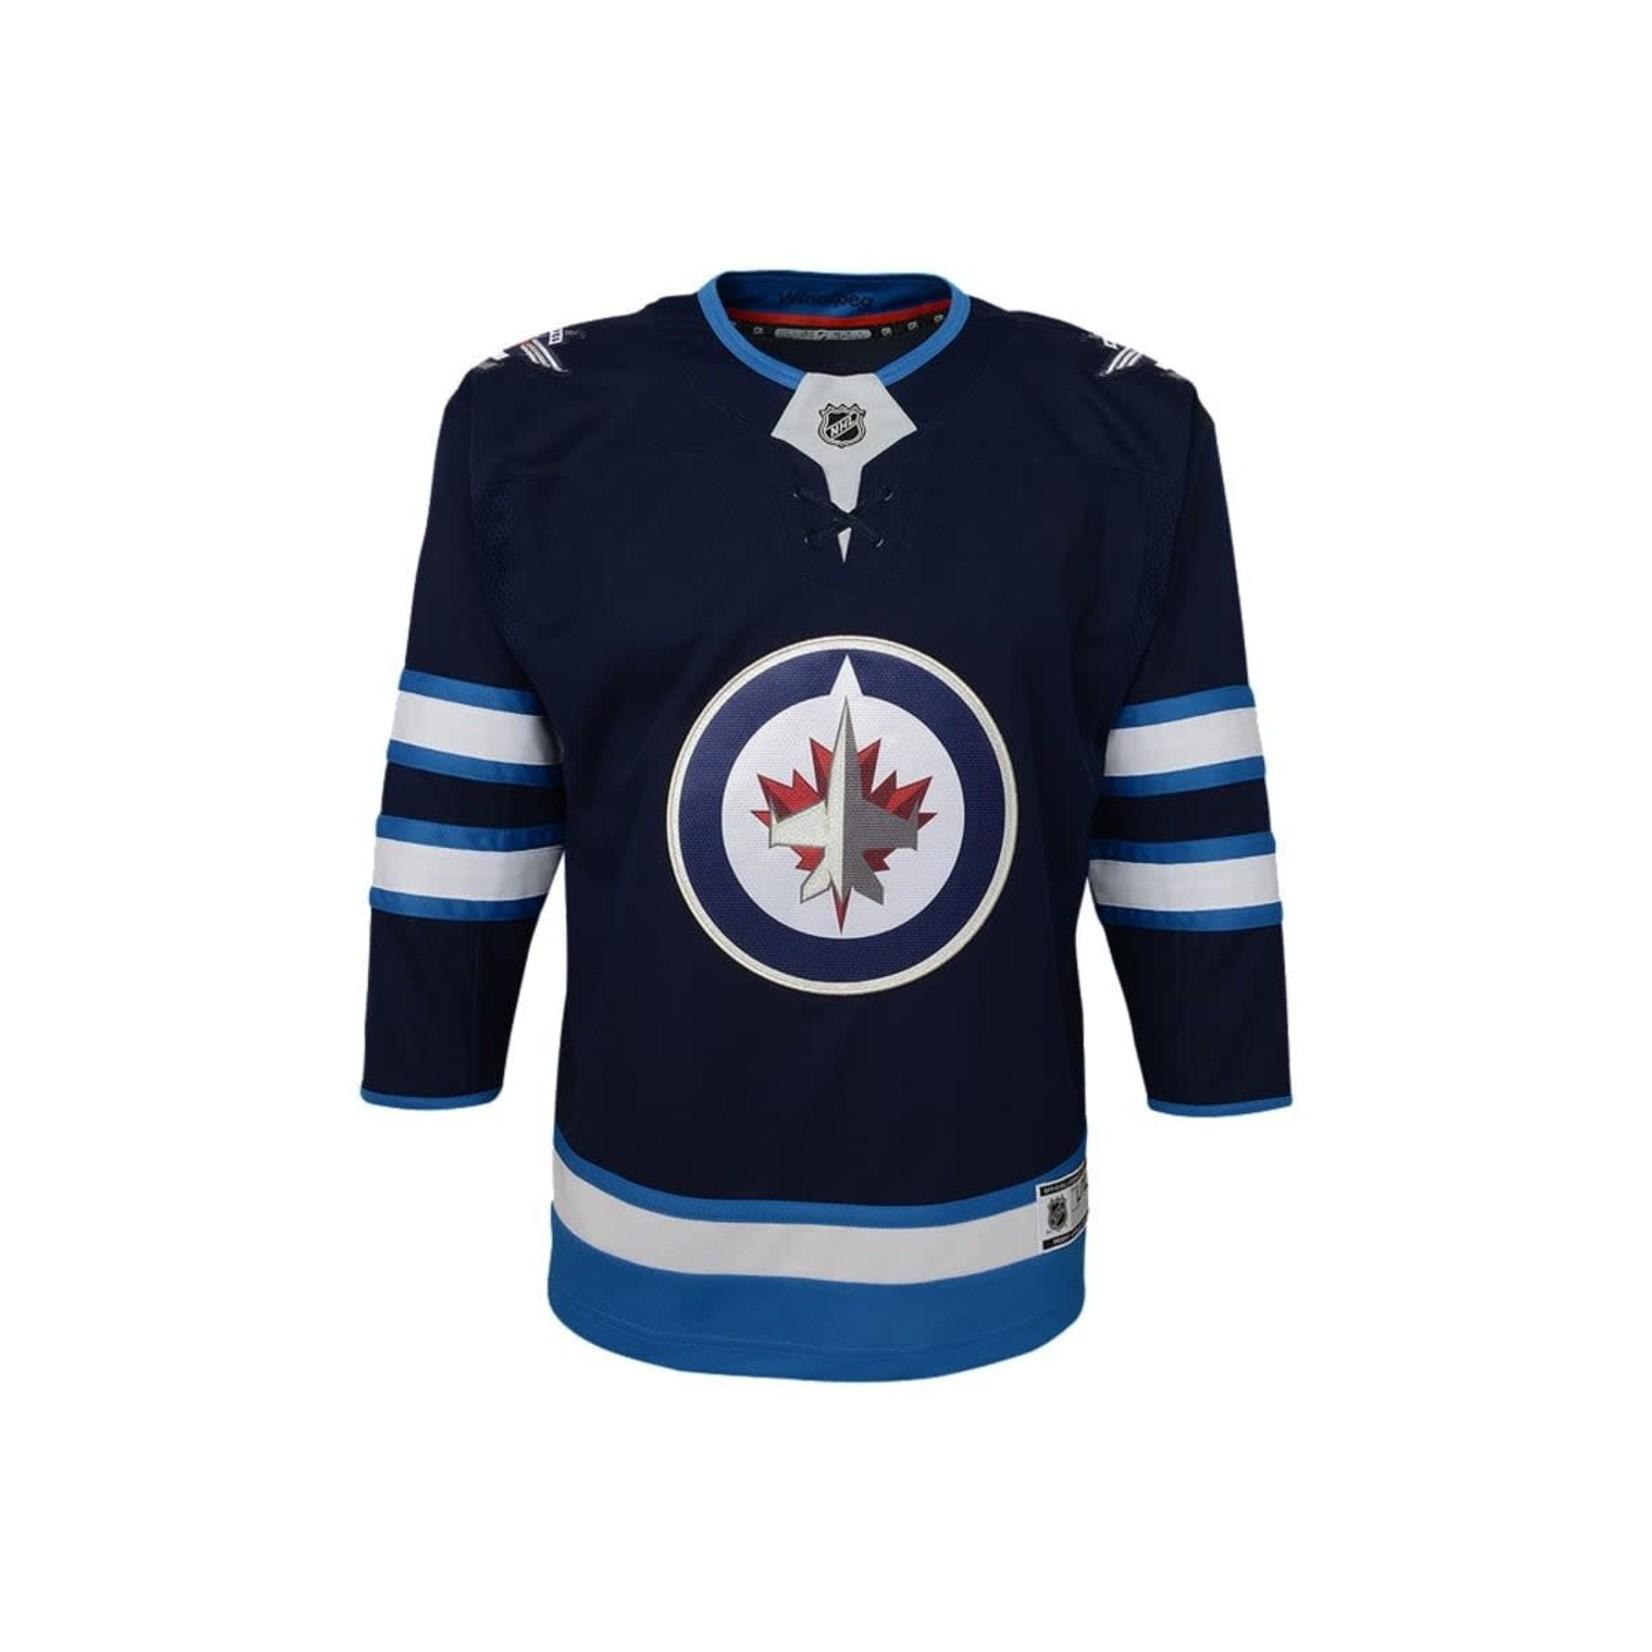 Outerstuff Outerstuff Hockey Jersey, Replica, Home, NHL, Toddler, Winnipeg Jets